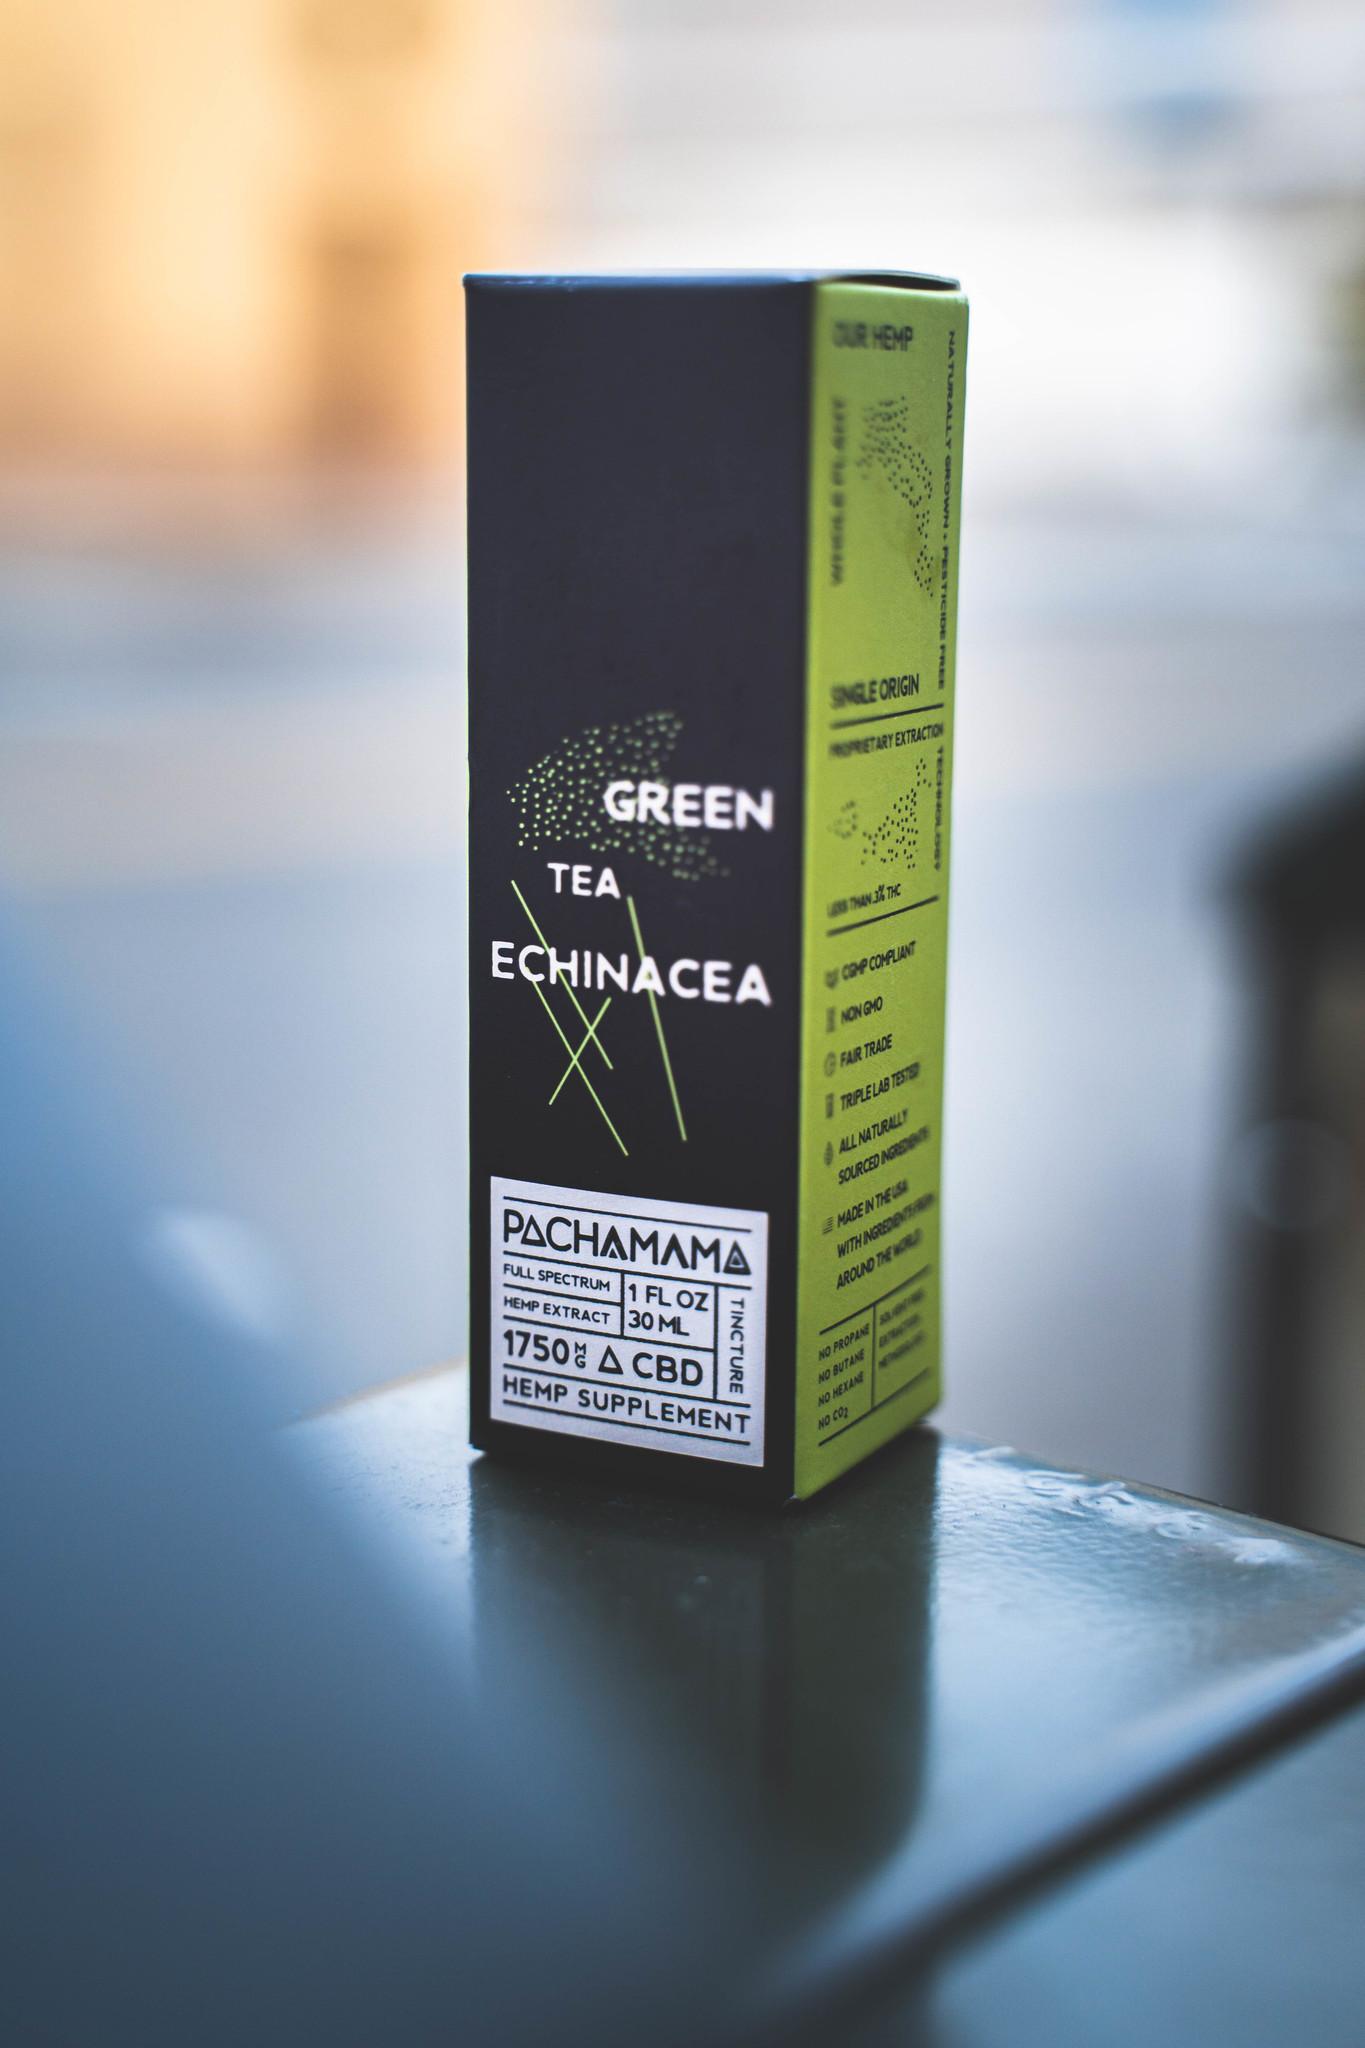 PachaMama CBD | PACHA MAMA CBD | RECOVER | GREEN TEA & ECHINACEA | 2 LEVELS |